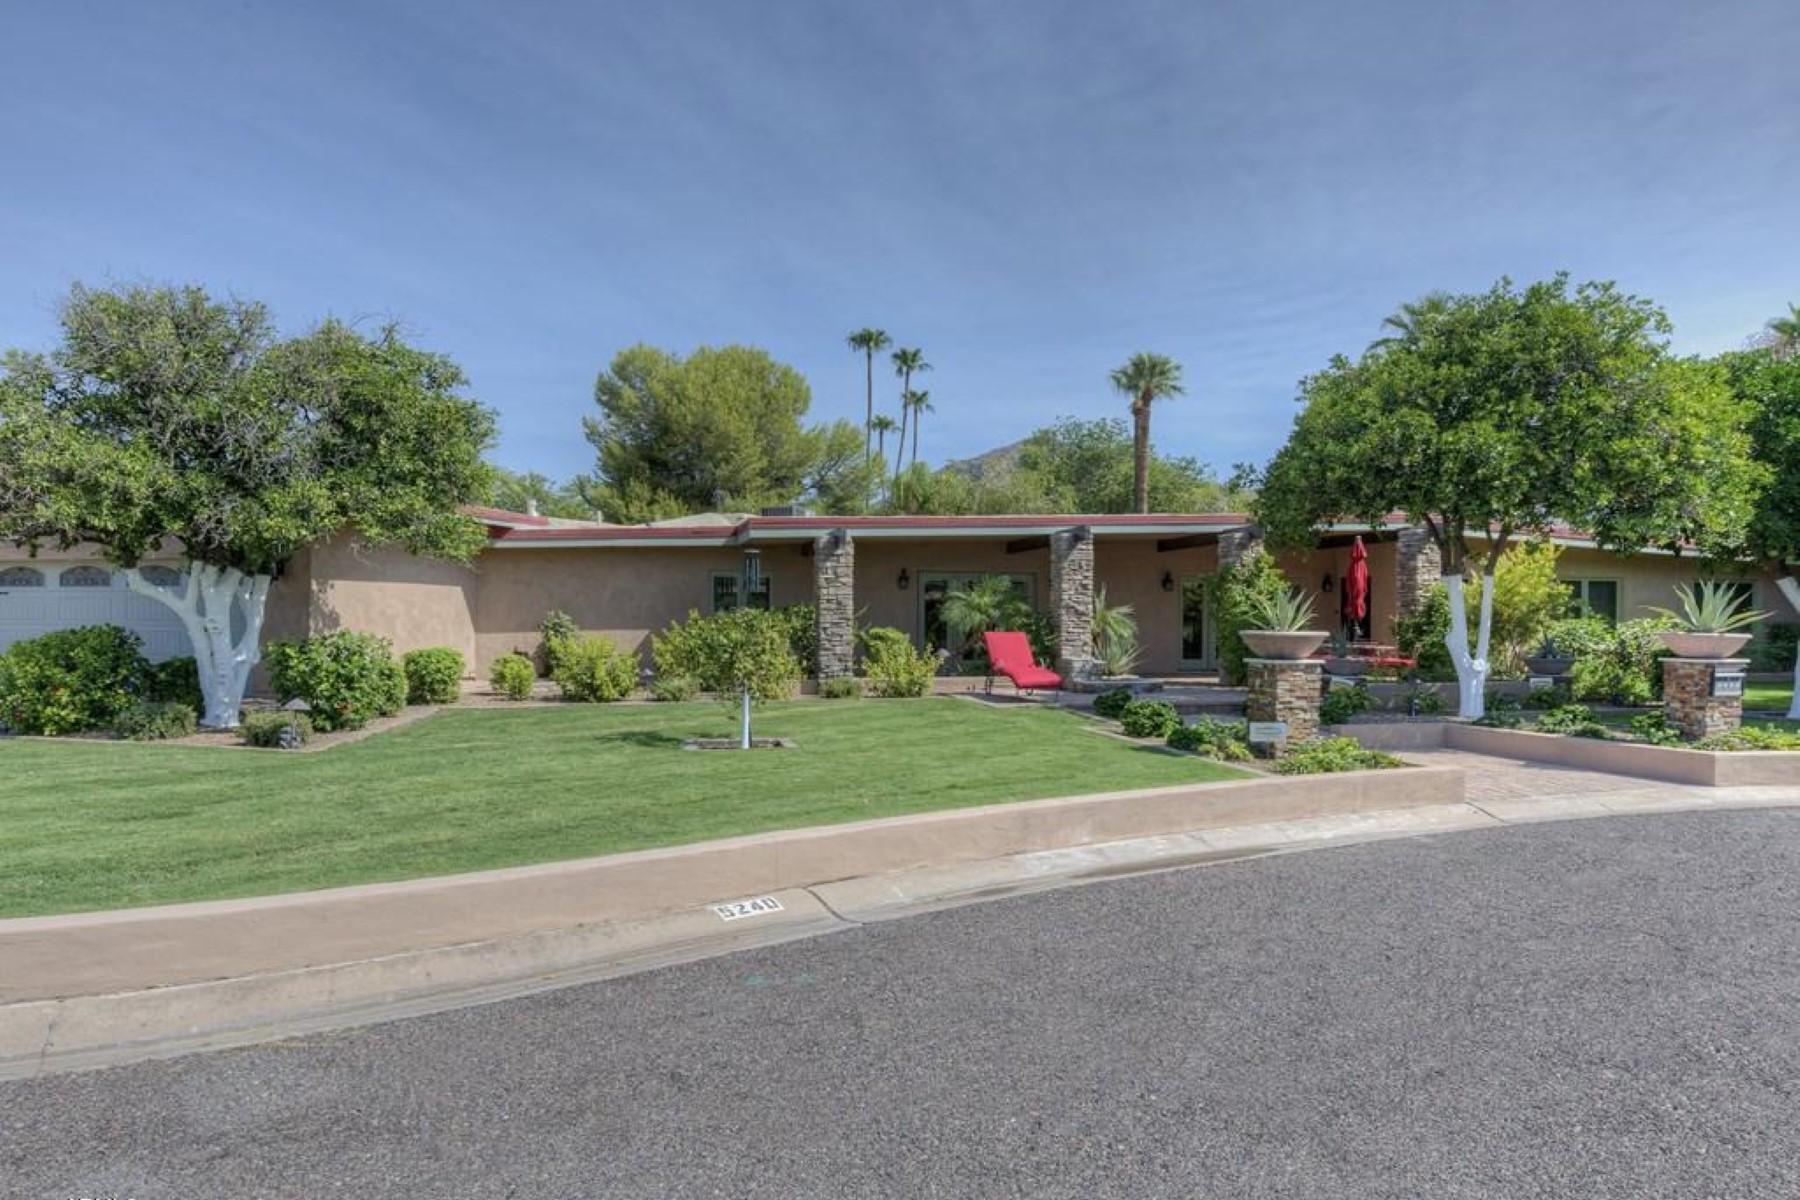 Nhà ở một gia đình vì Bán tại Soft contemporary home has charm with views of Camelback Mountain. 5240 E CALLE VENTURA Phoenix, Arizona 85018 Hoa Kỳ